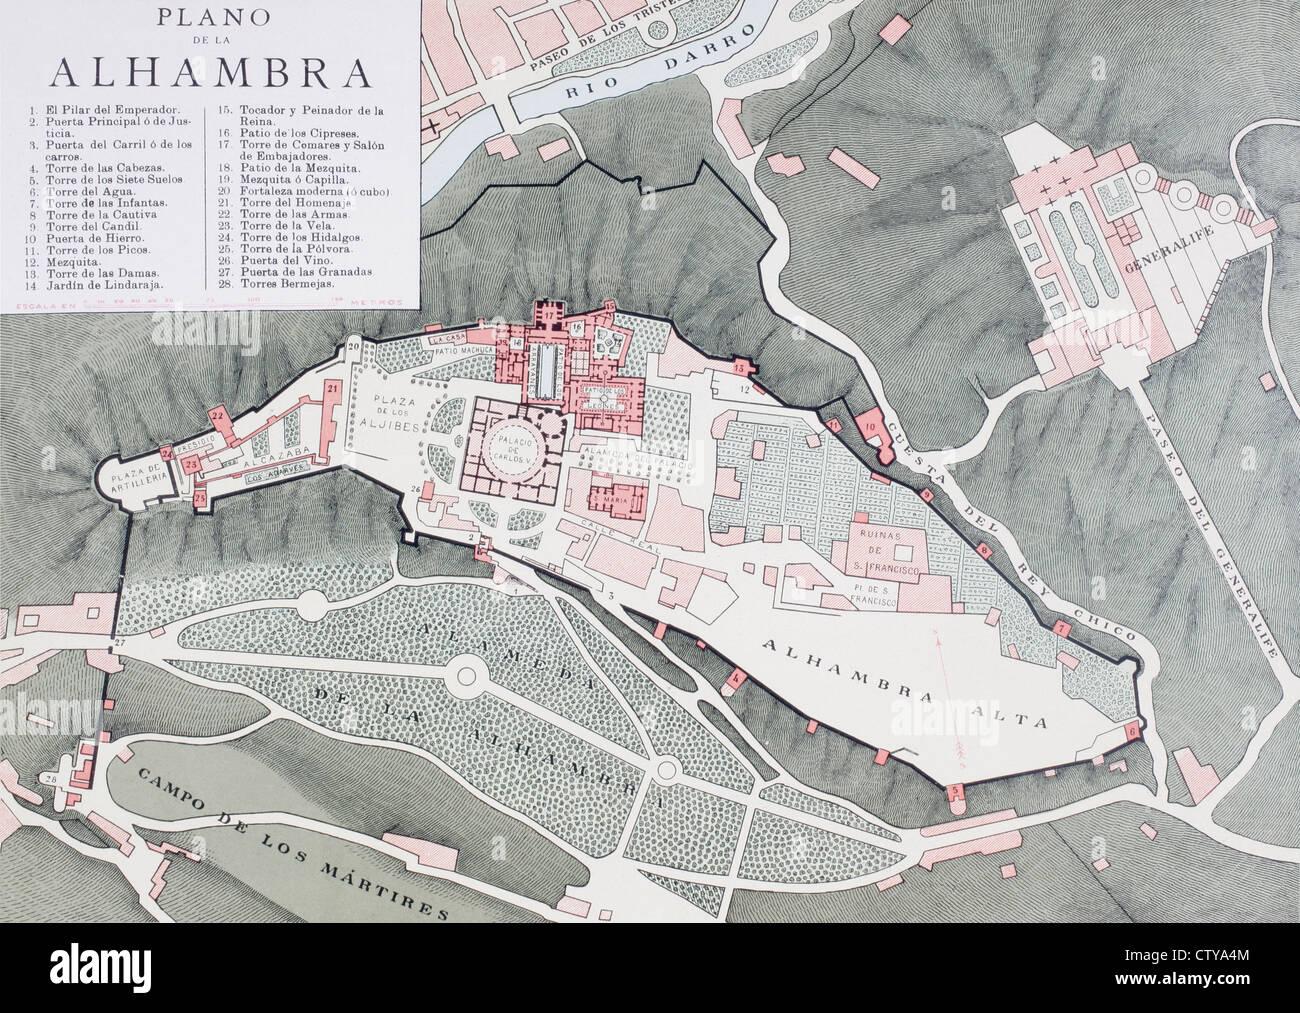 Granada, España. Plan de la Alhambra y distritos circundantes alrededor de la vuelta del siglo XX. Imagen De Stock